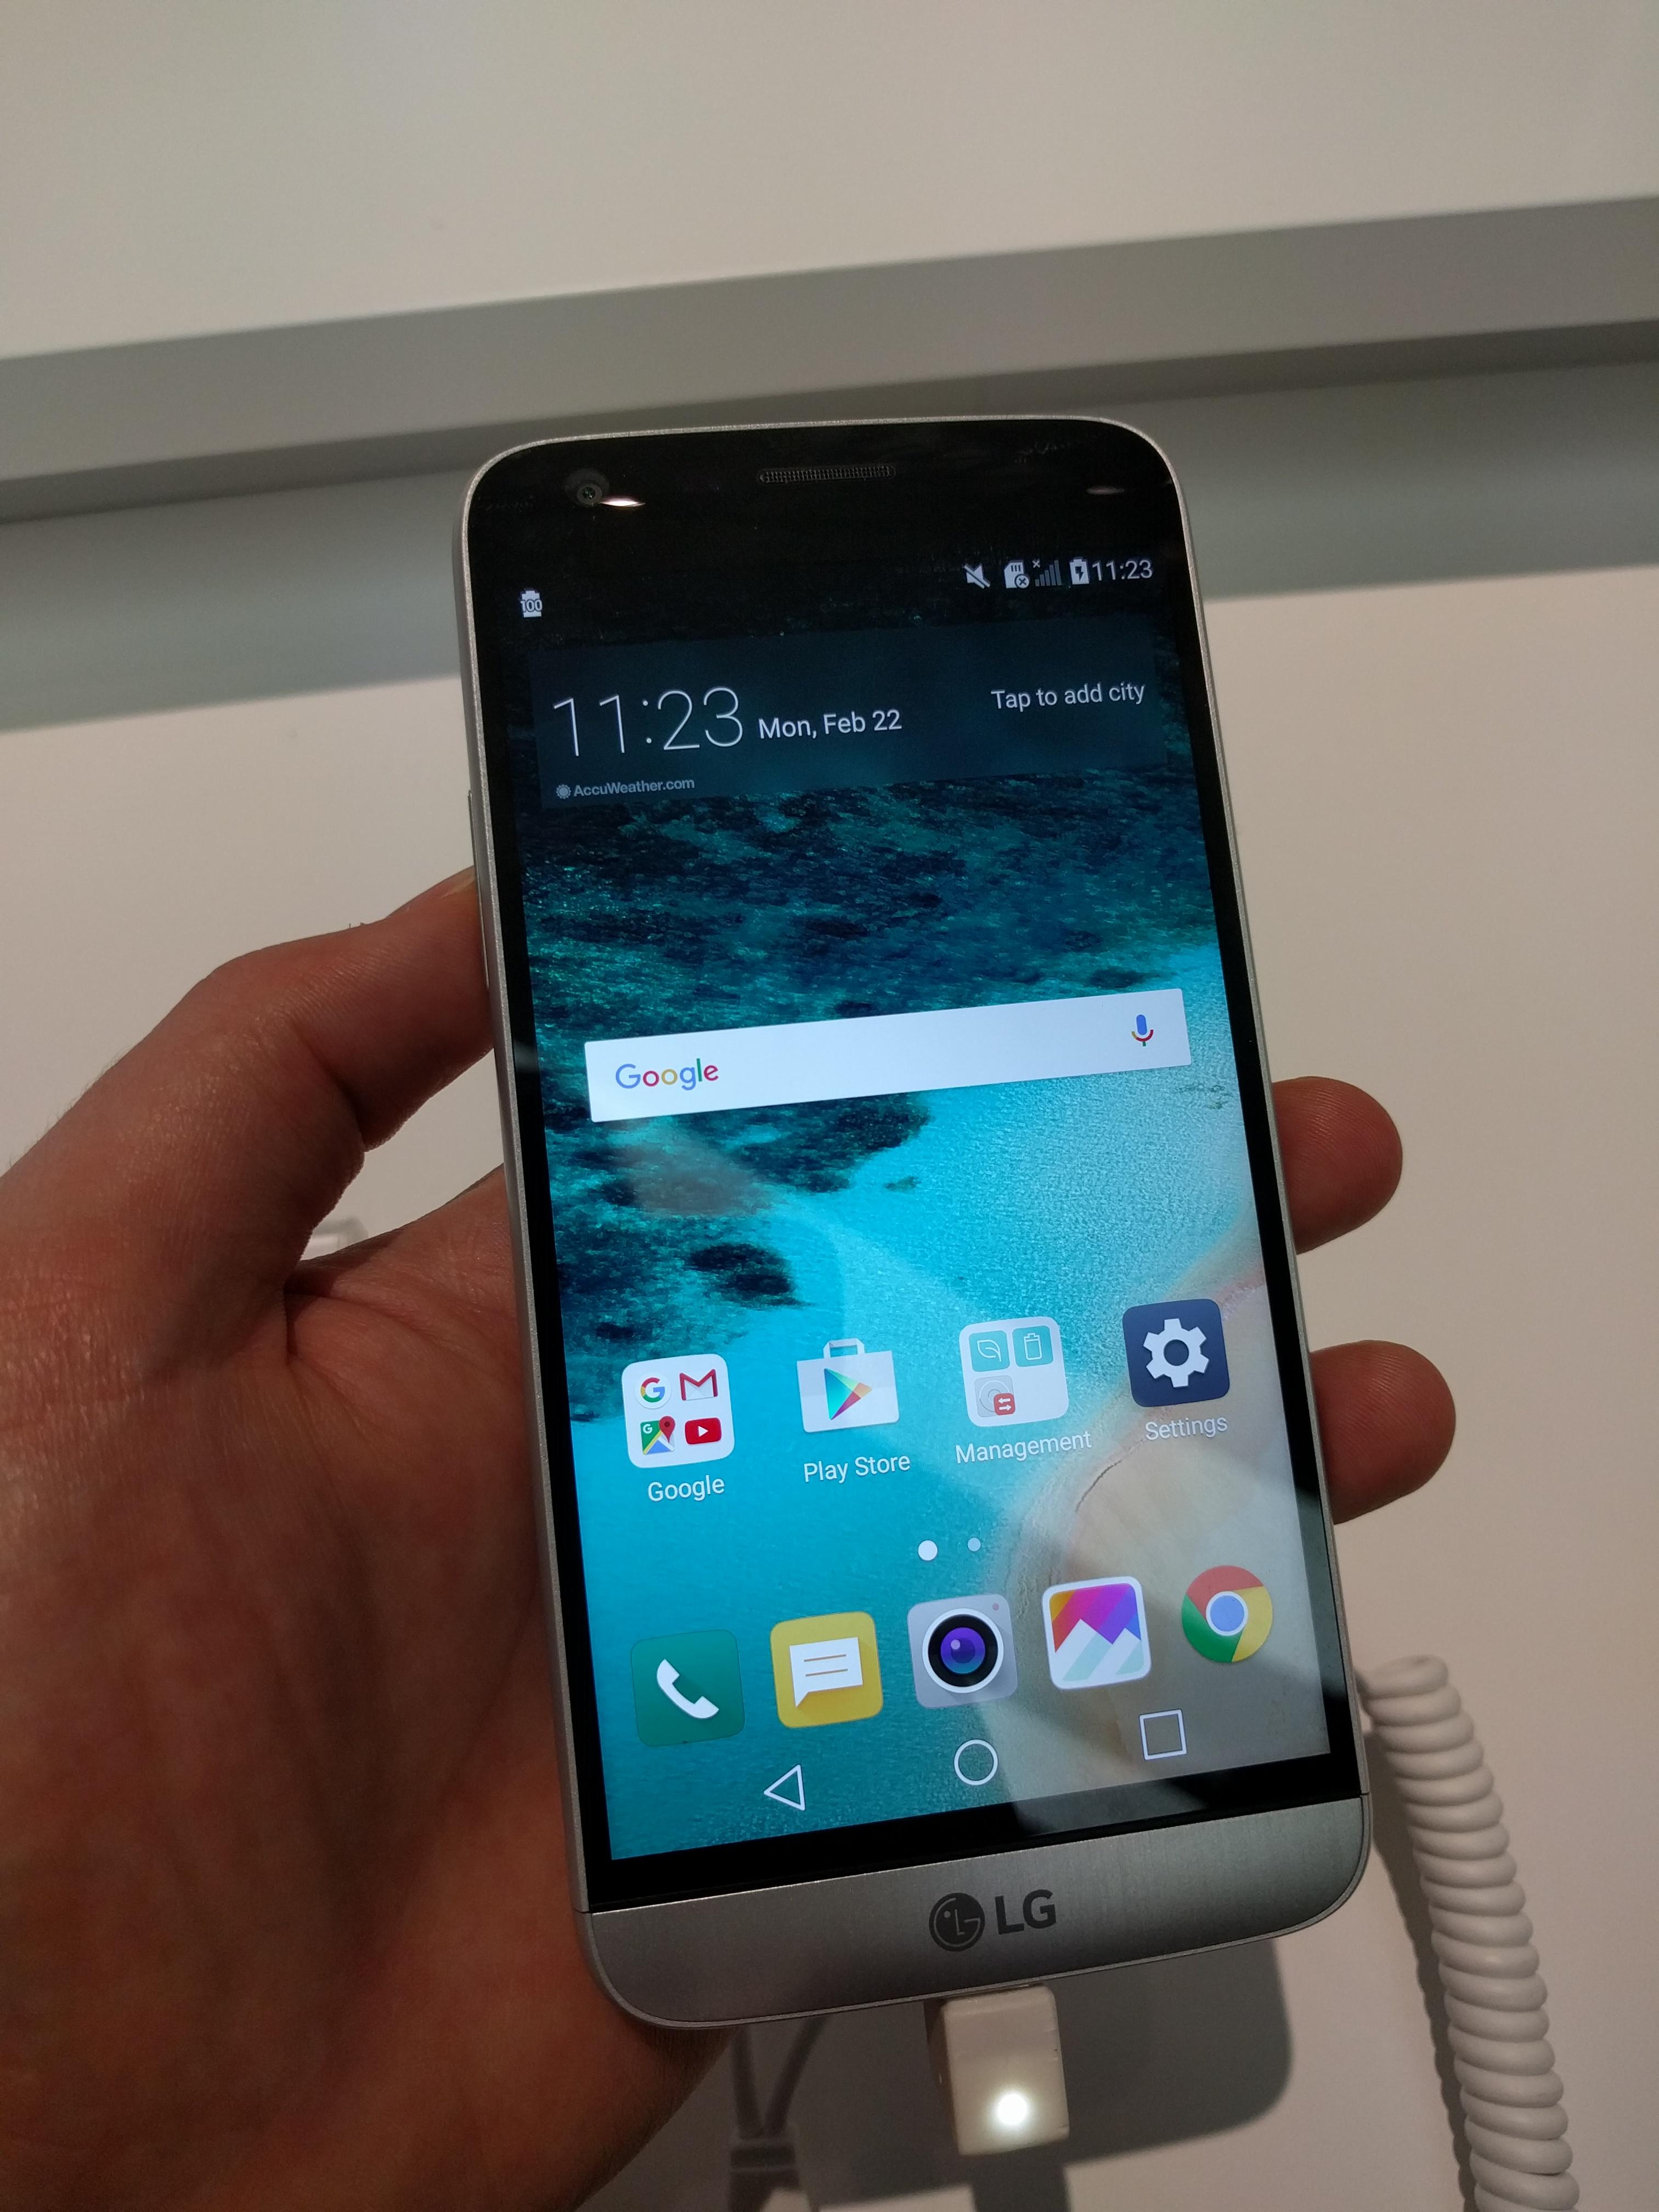 Q1 smartphone shipments up 4.3%